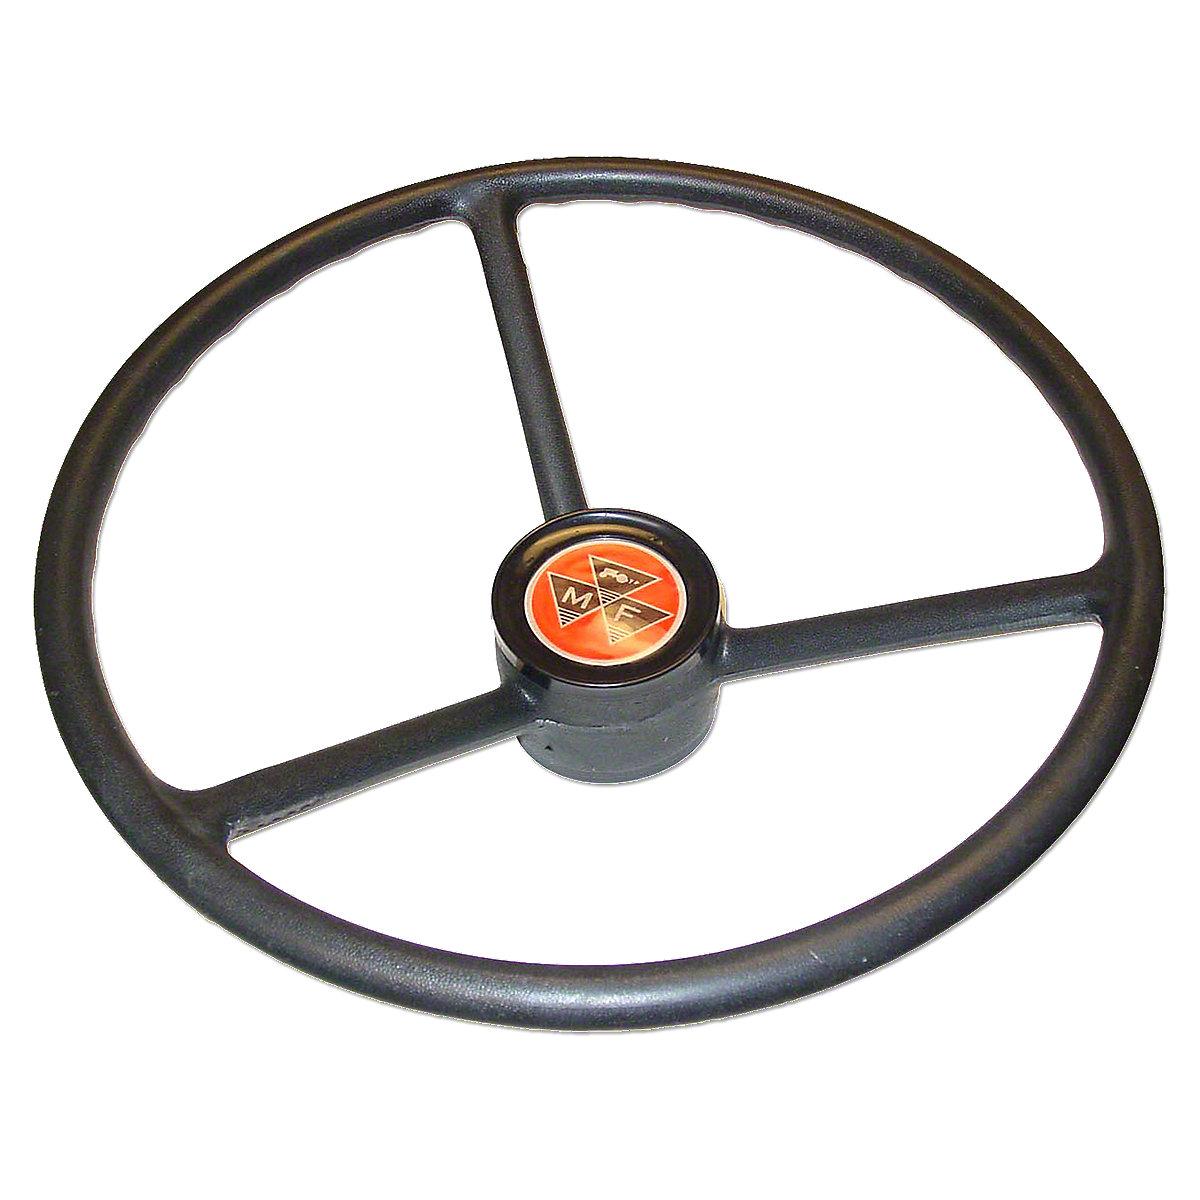 Plastic Steering Wheel : Mfs steering wheel with plastic ca